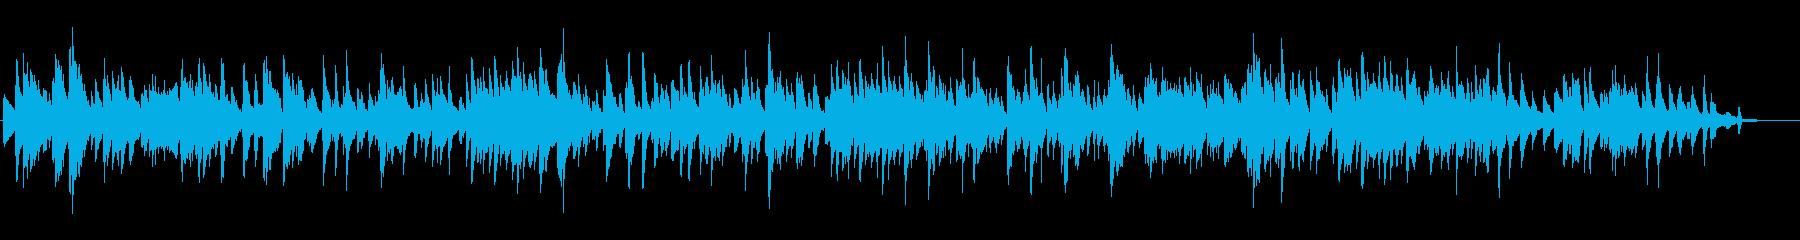 BARで流れる静かなJAZZバラードの再生済みの波形